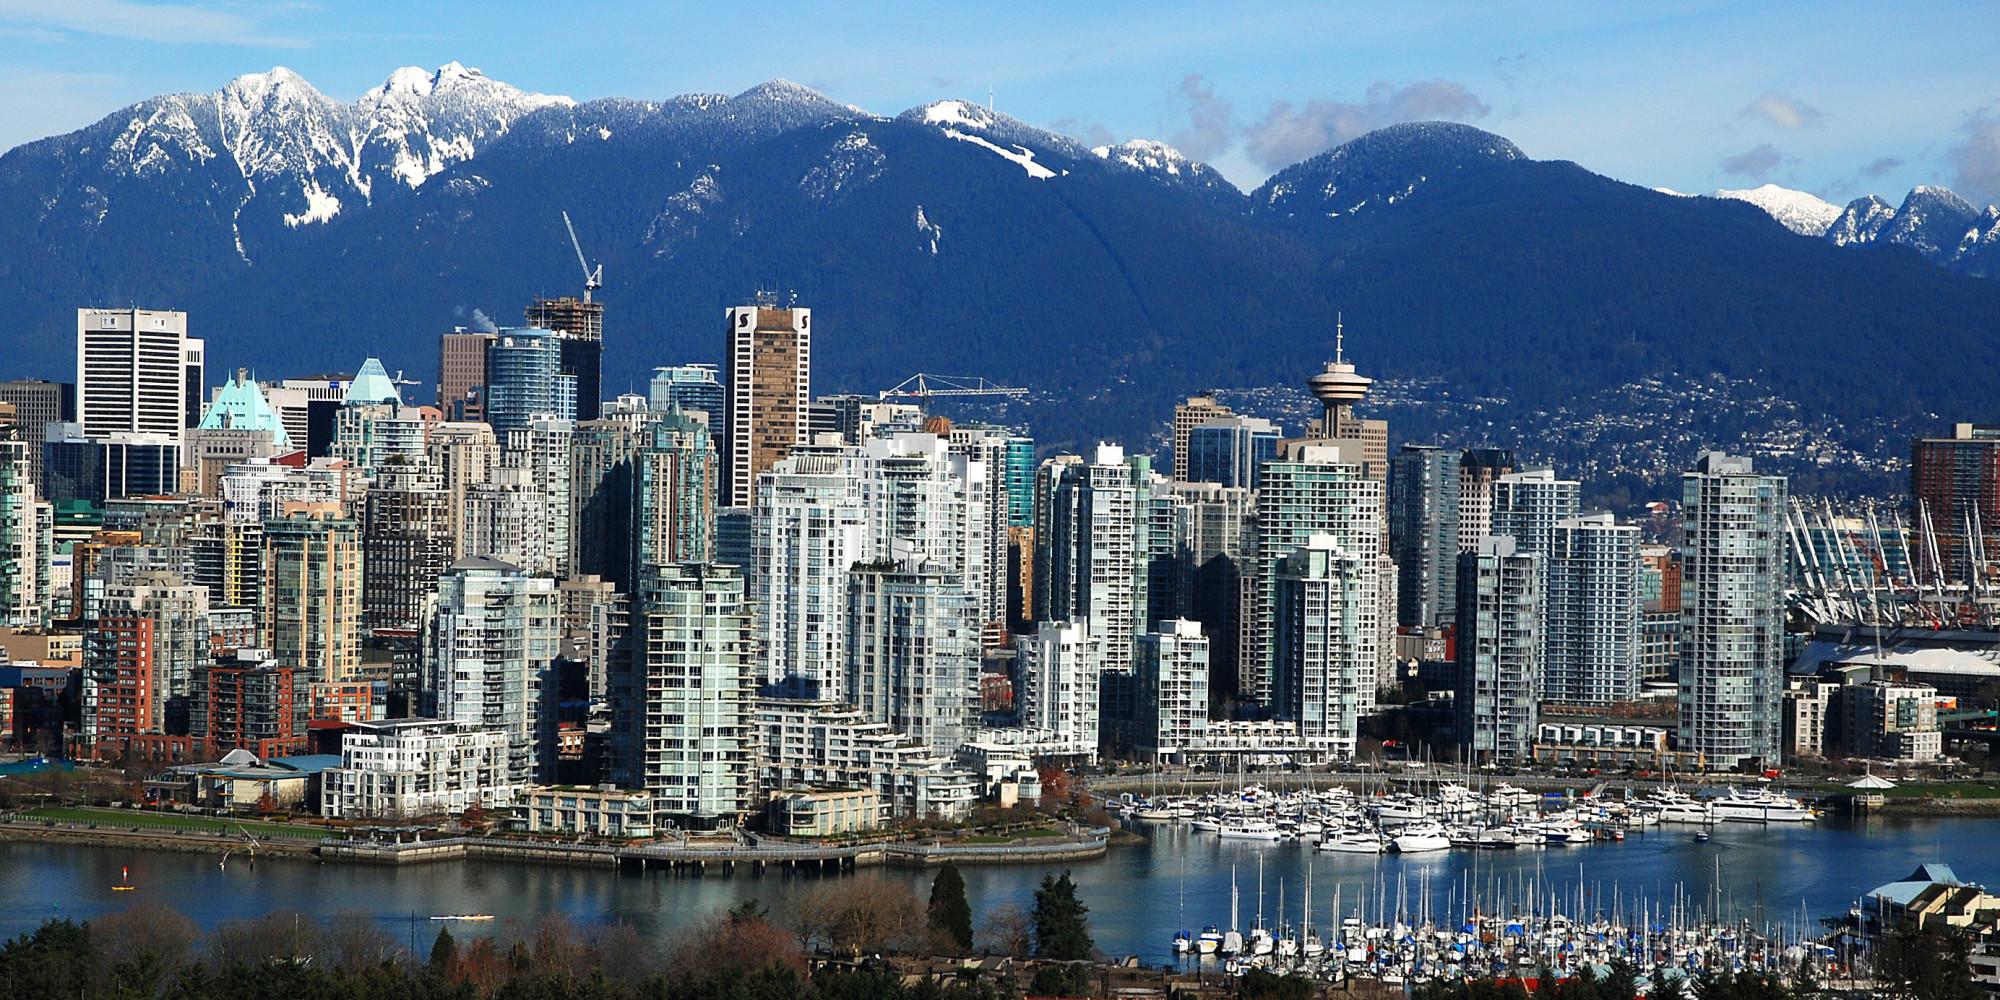 华人众多的温哥华,房地产市场非常火热